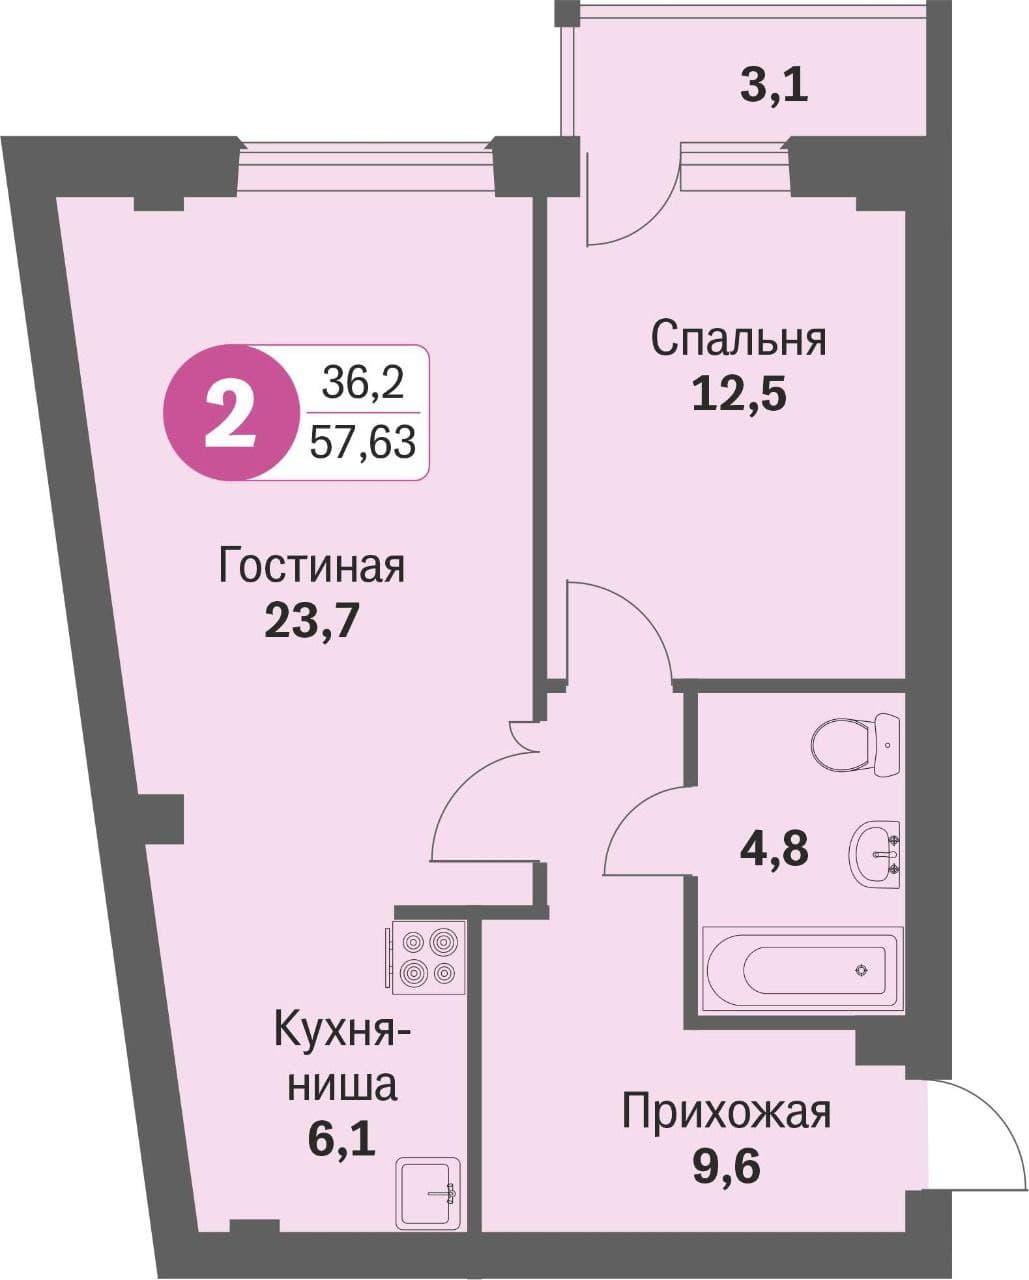 ул. Стаханова, 58, квартира 252 - Двухкомнатная